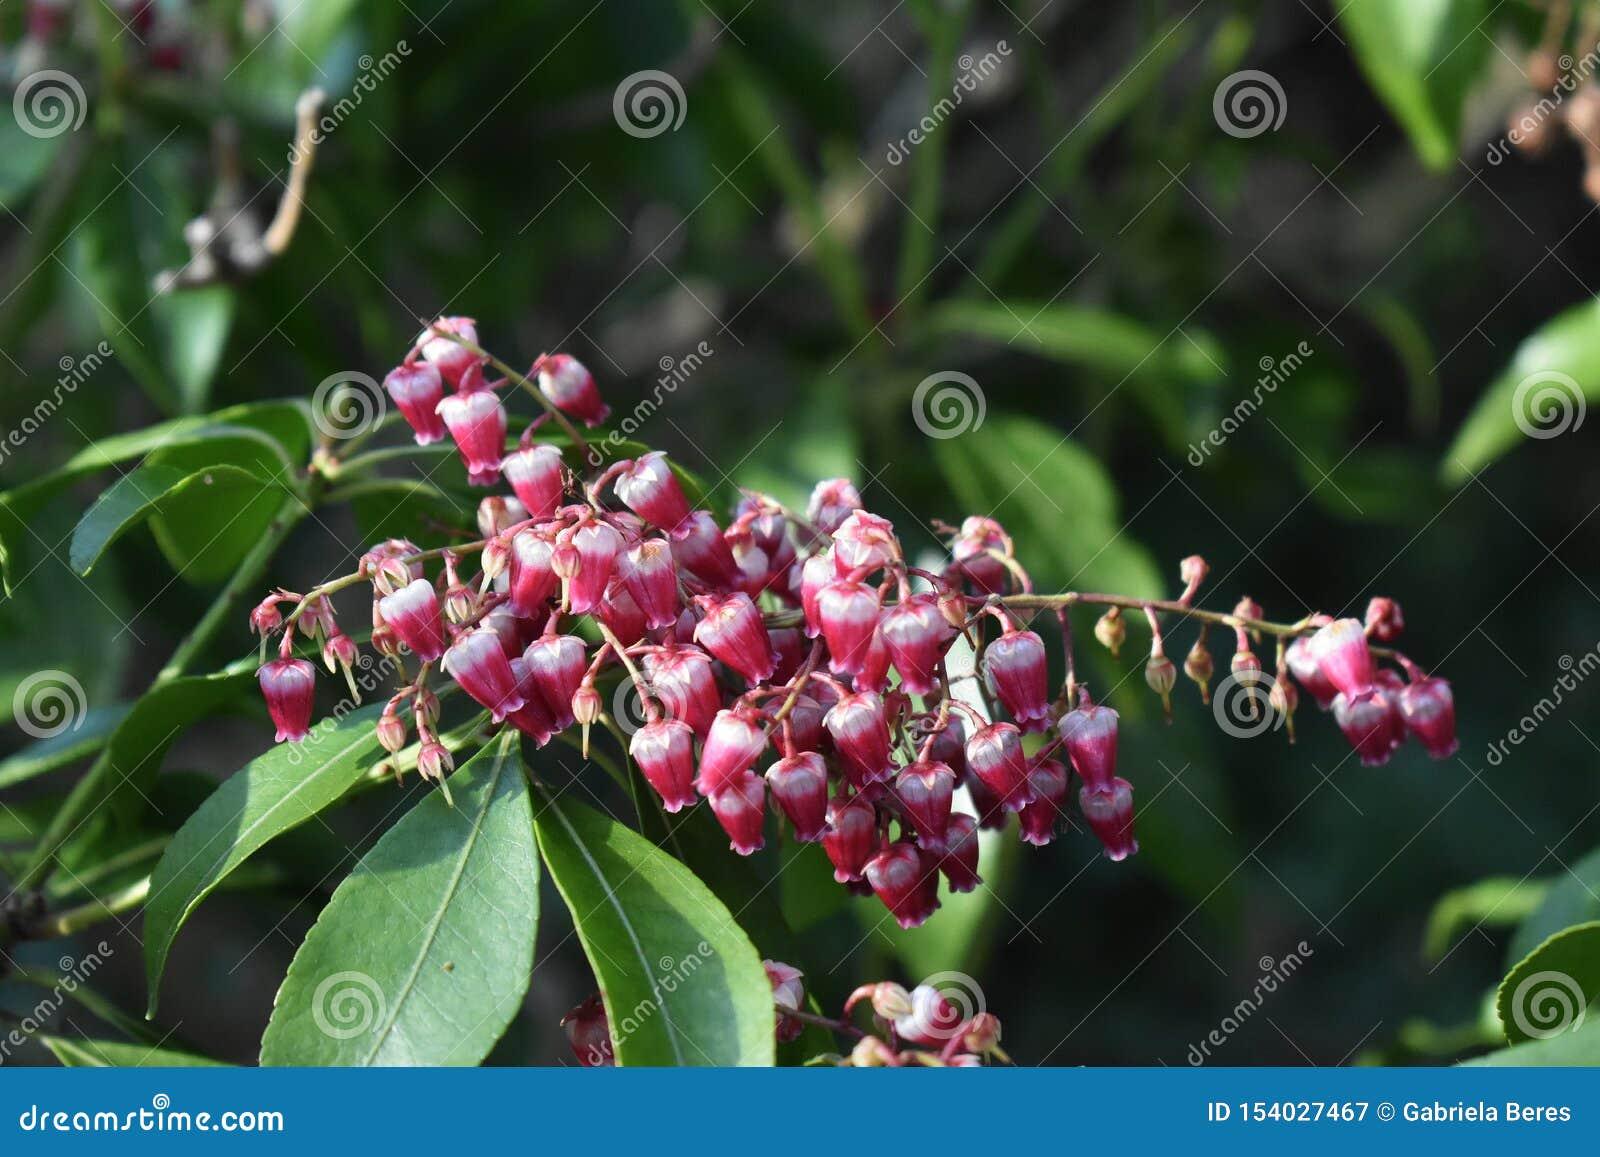 Pieris japonica Anlage, die im Garten wächst